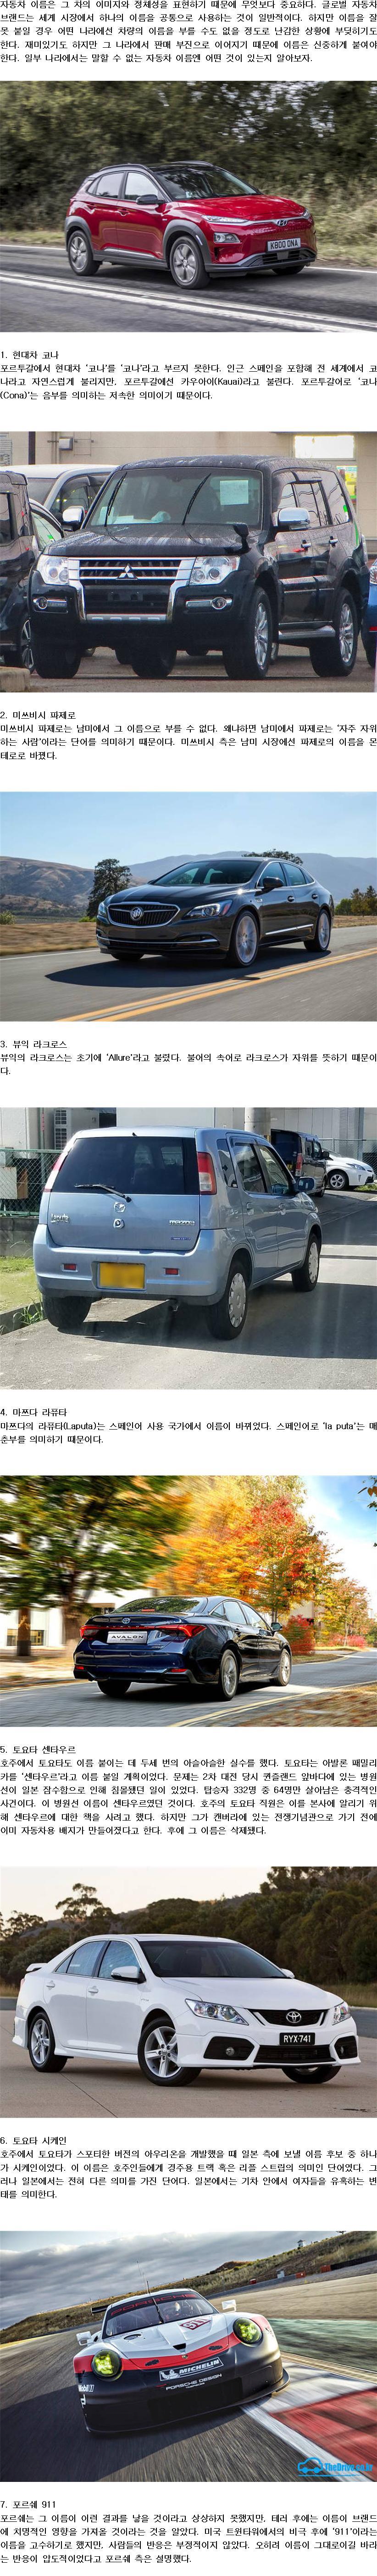 국가가 싫어하는 민망한 車이름001.jpg